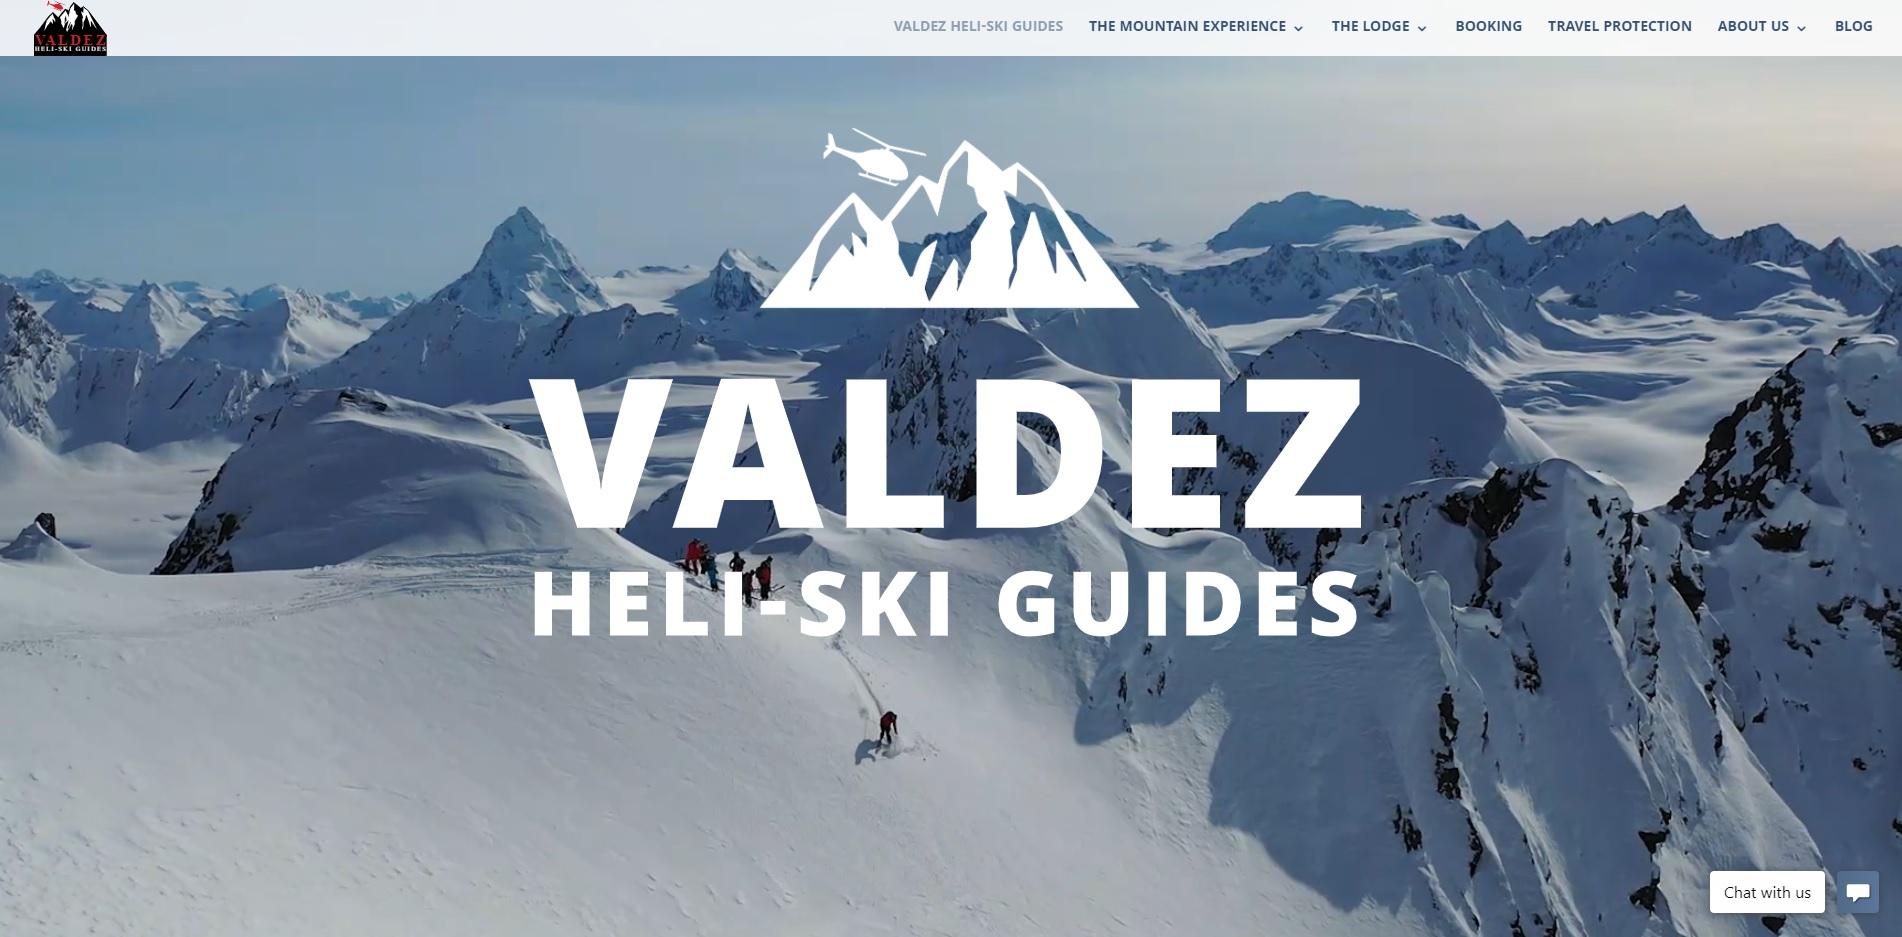 exemple site internet www.valdezheliskiguides.com best alaska heliskiing